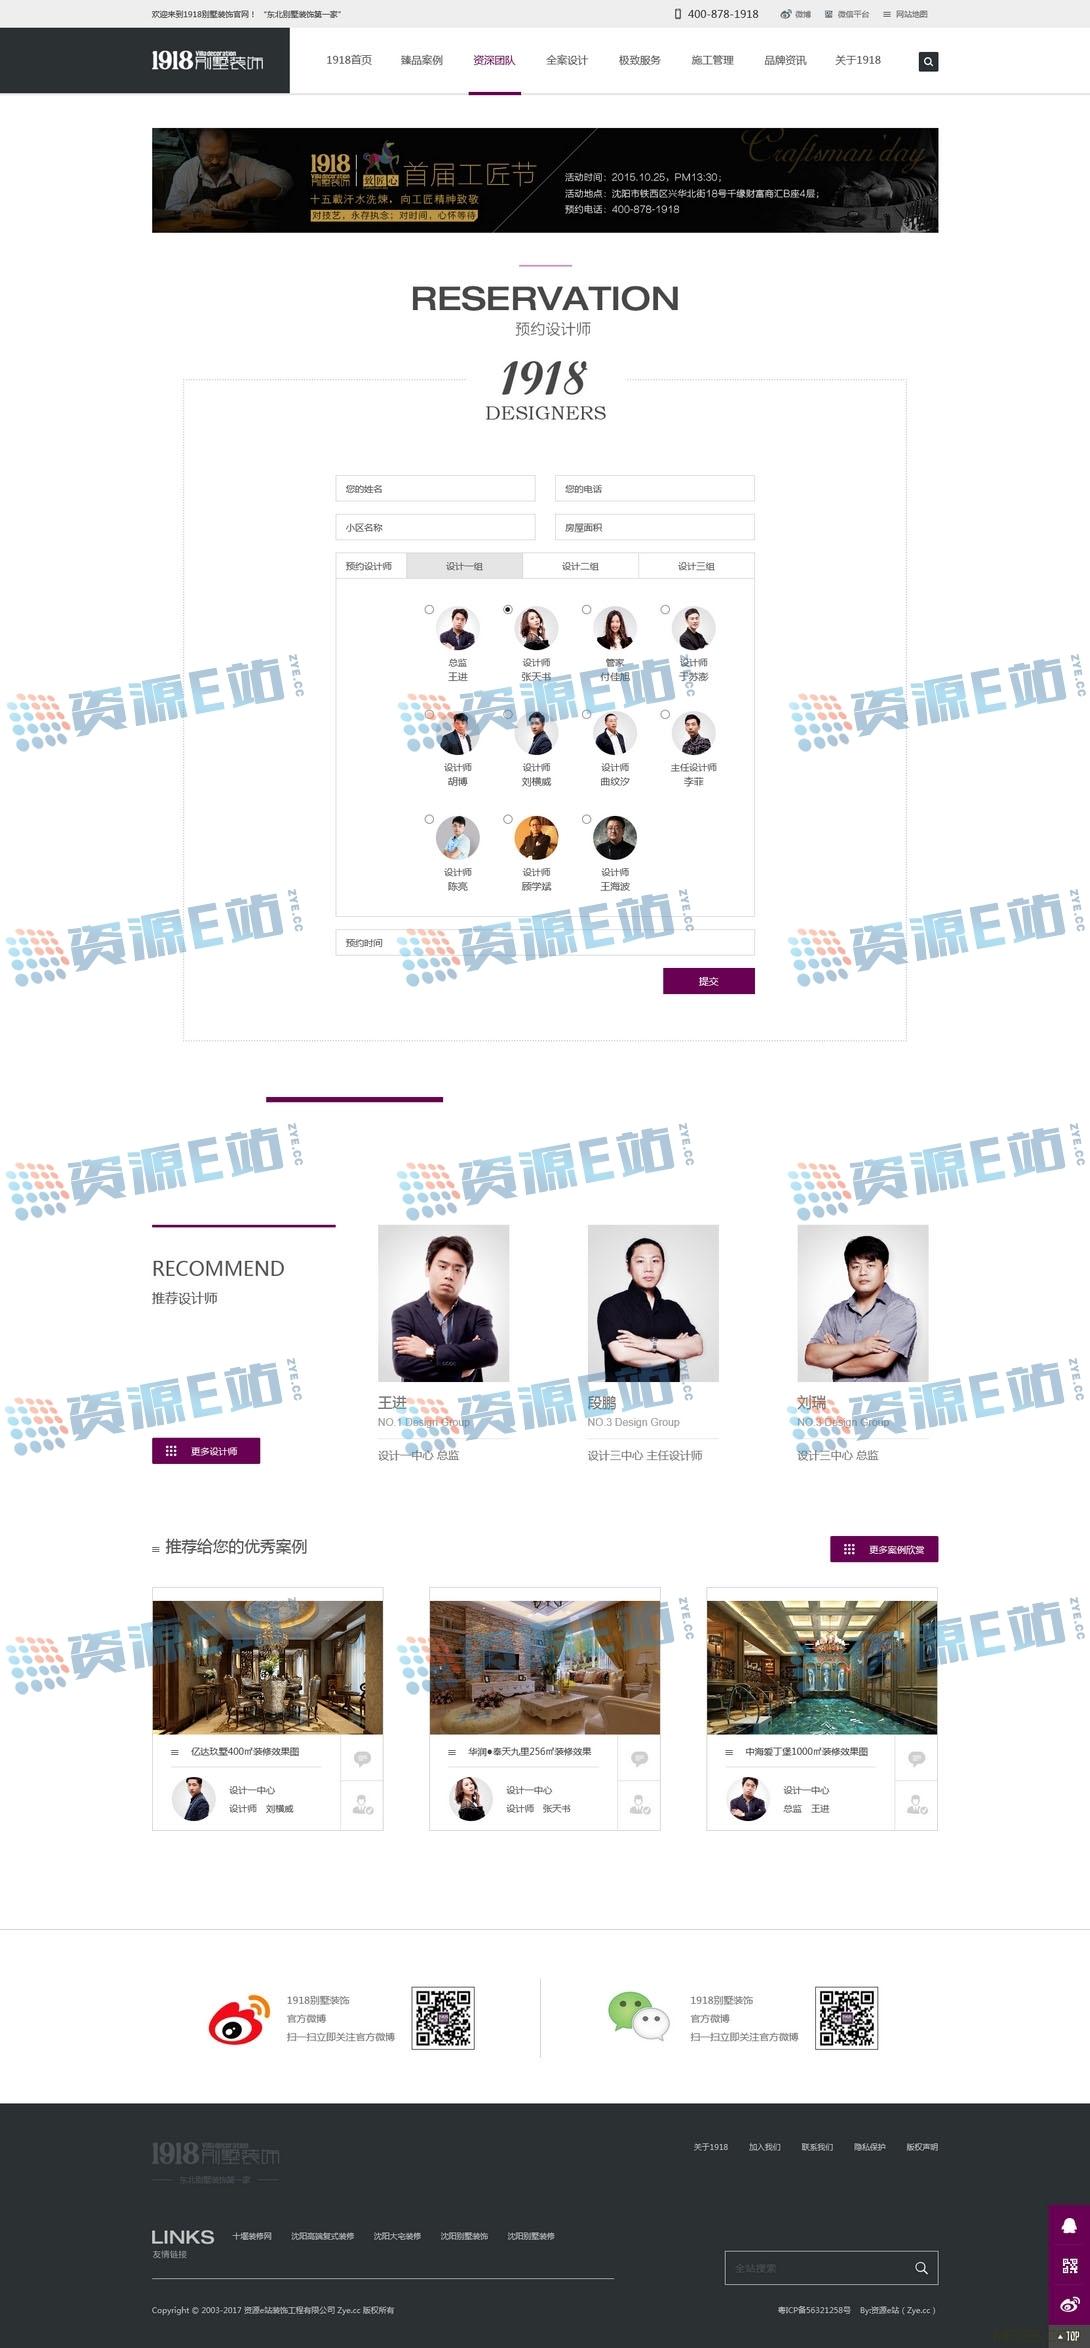 全网首发-精品装修装饰公司整站源码+WAP漂亮手机端 - 第2张 | 资源e站(Zye.cc)